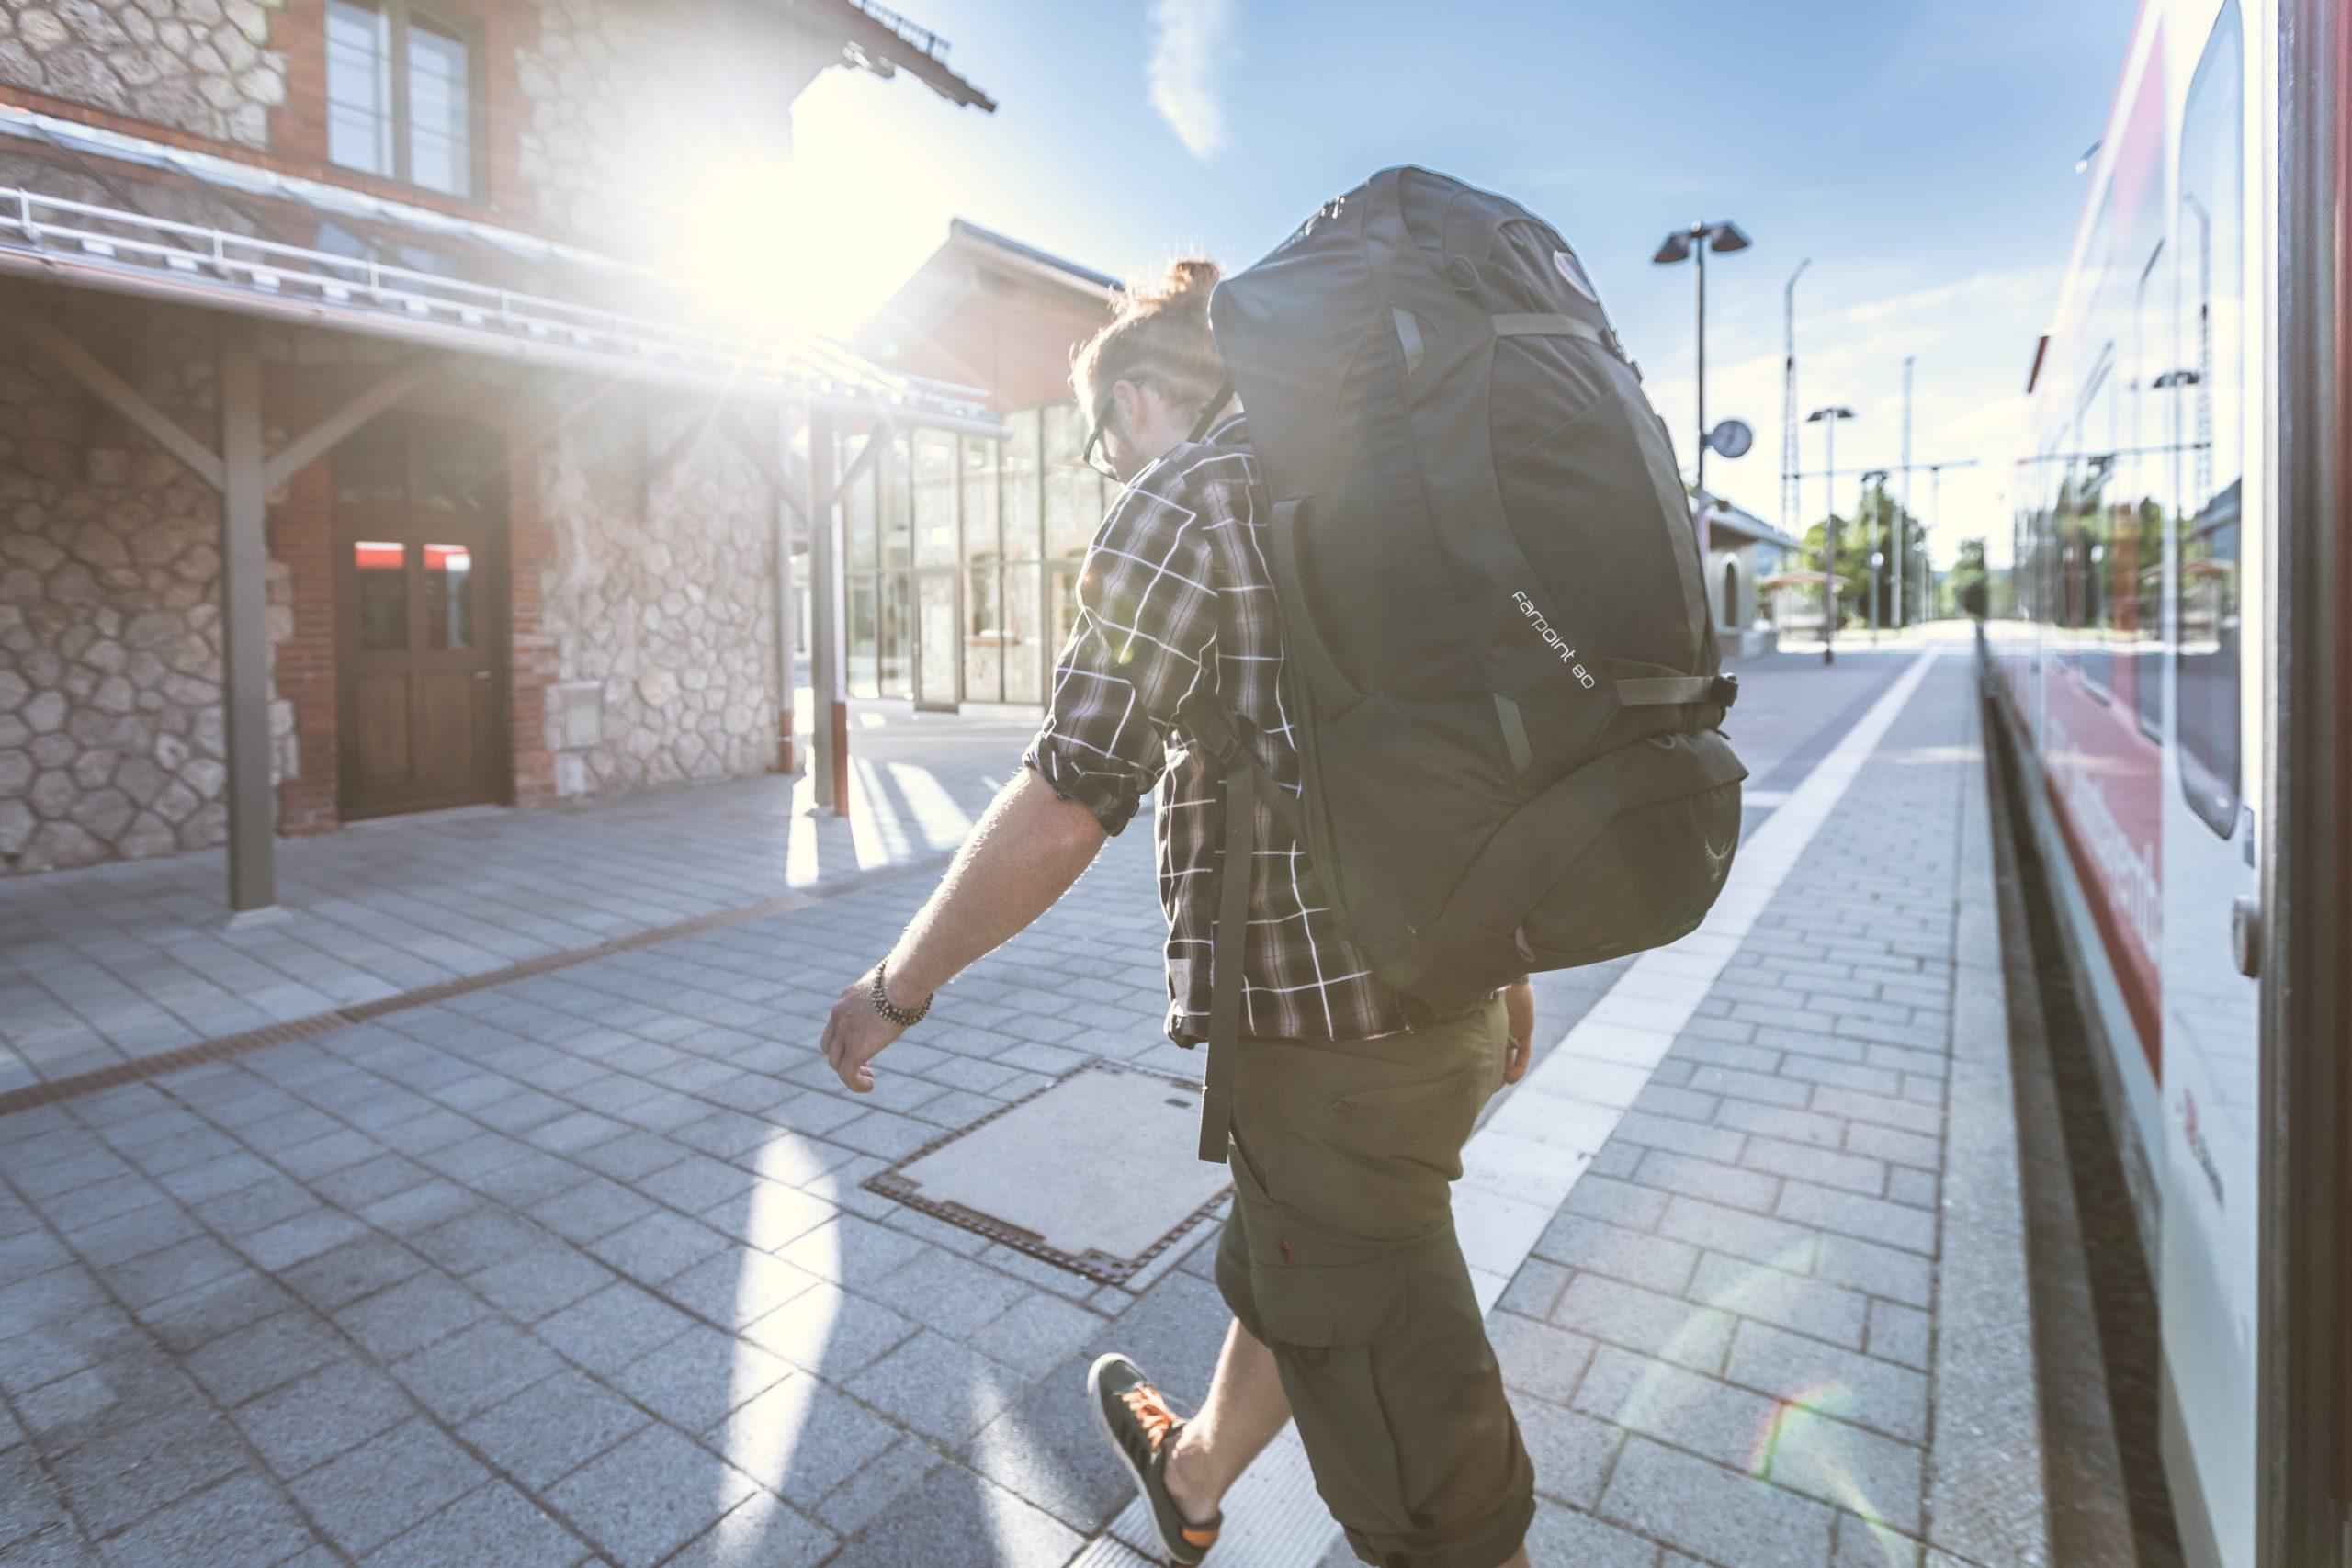 männlicher Backpacker mit Osprey Farpoint 80 Rucksack verlässt den Regionalzug am Bahnhof im Sonnenuntergang